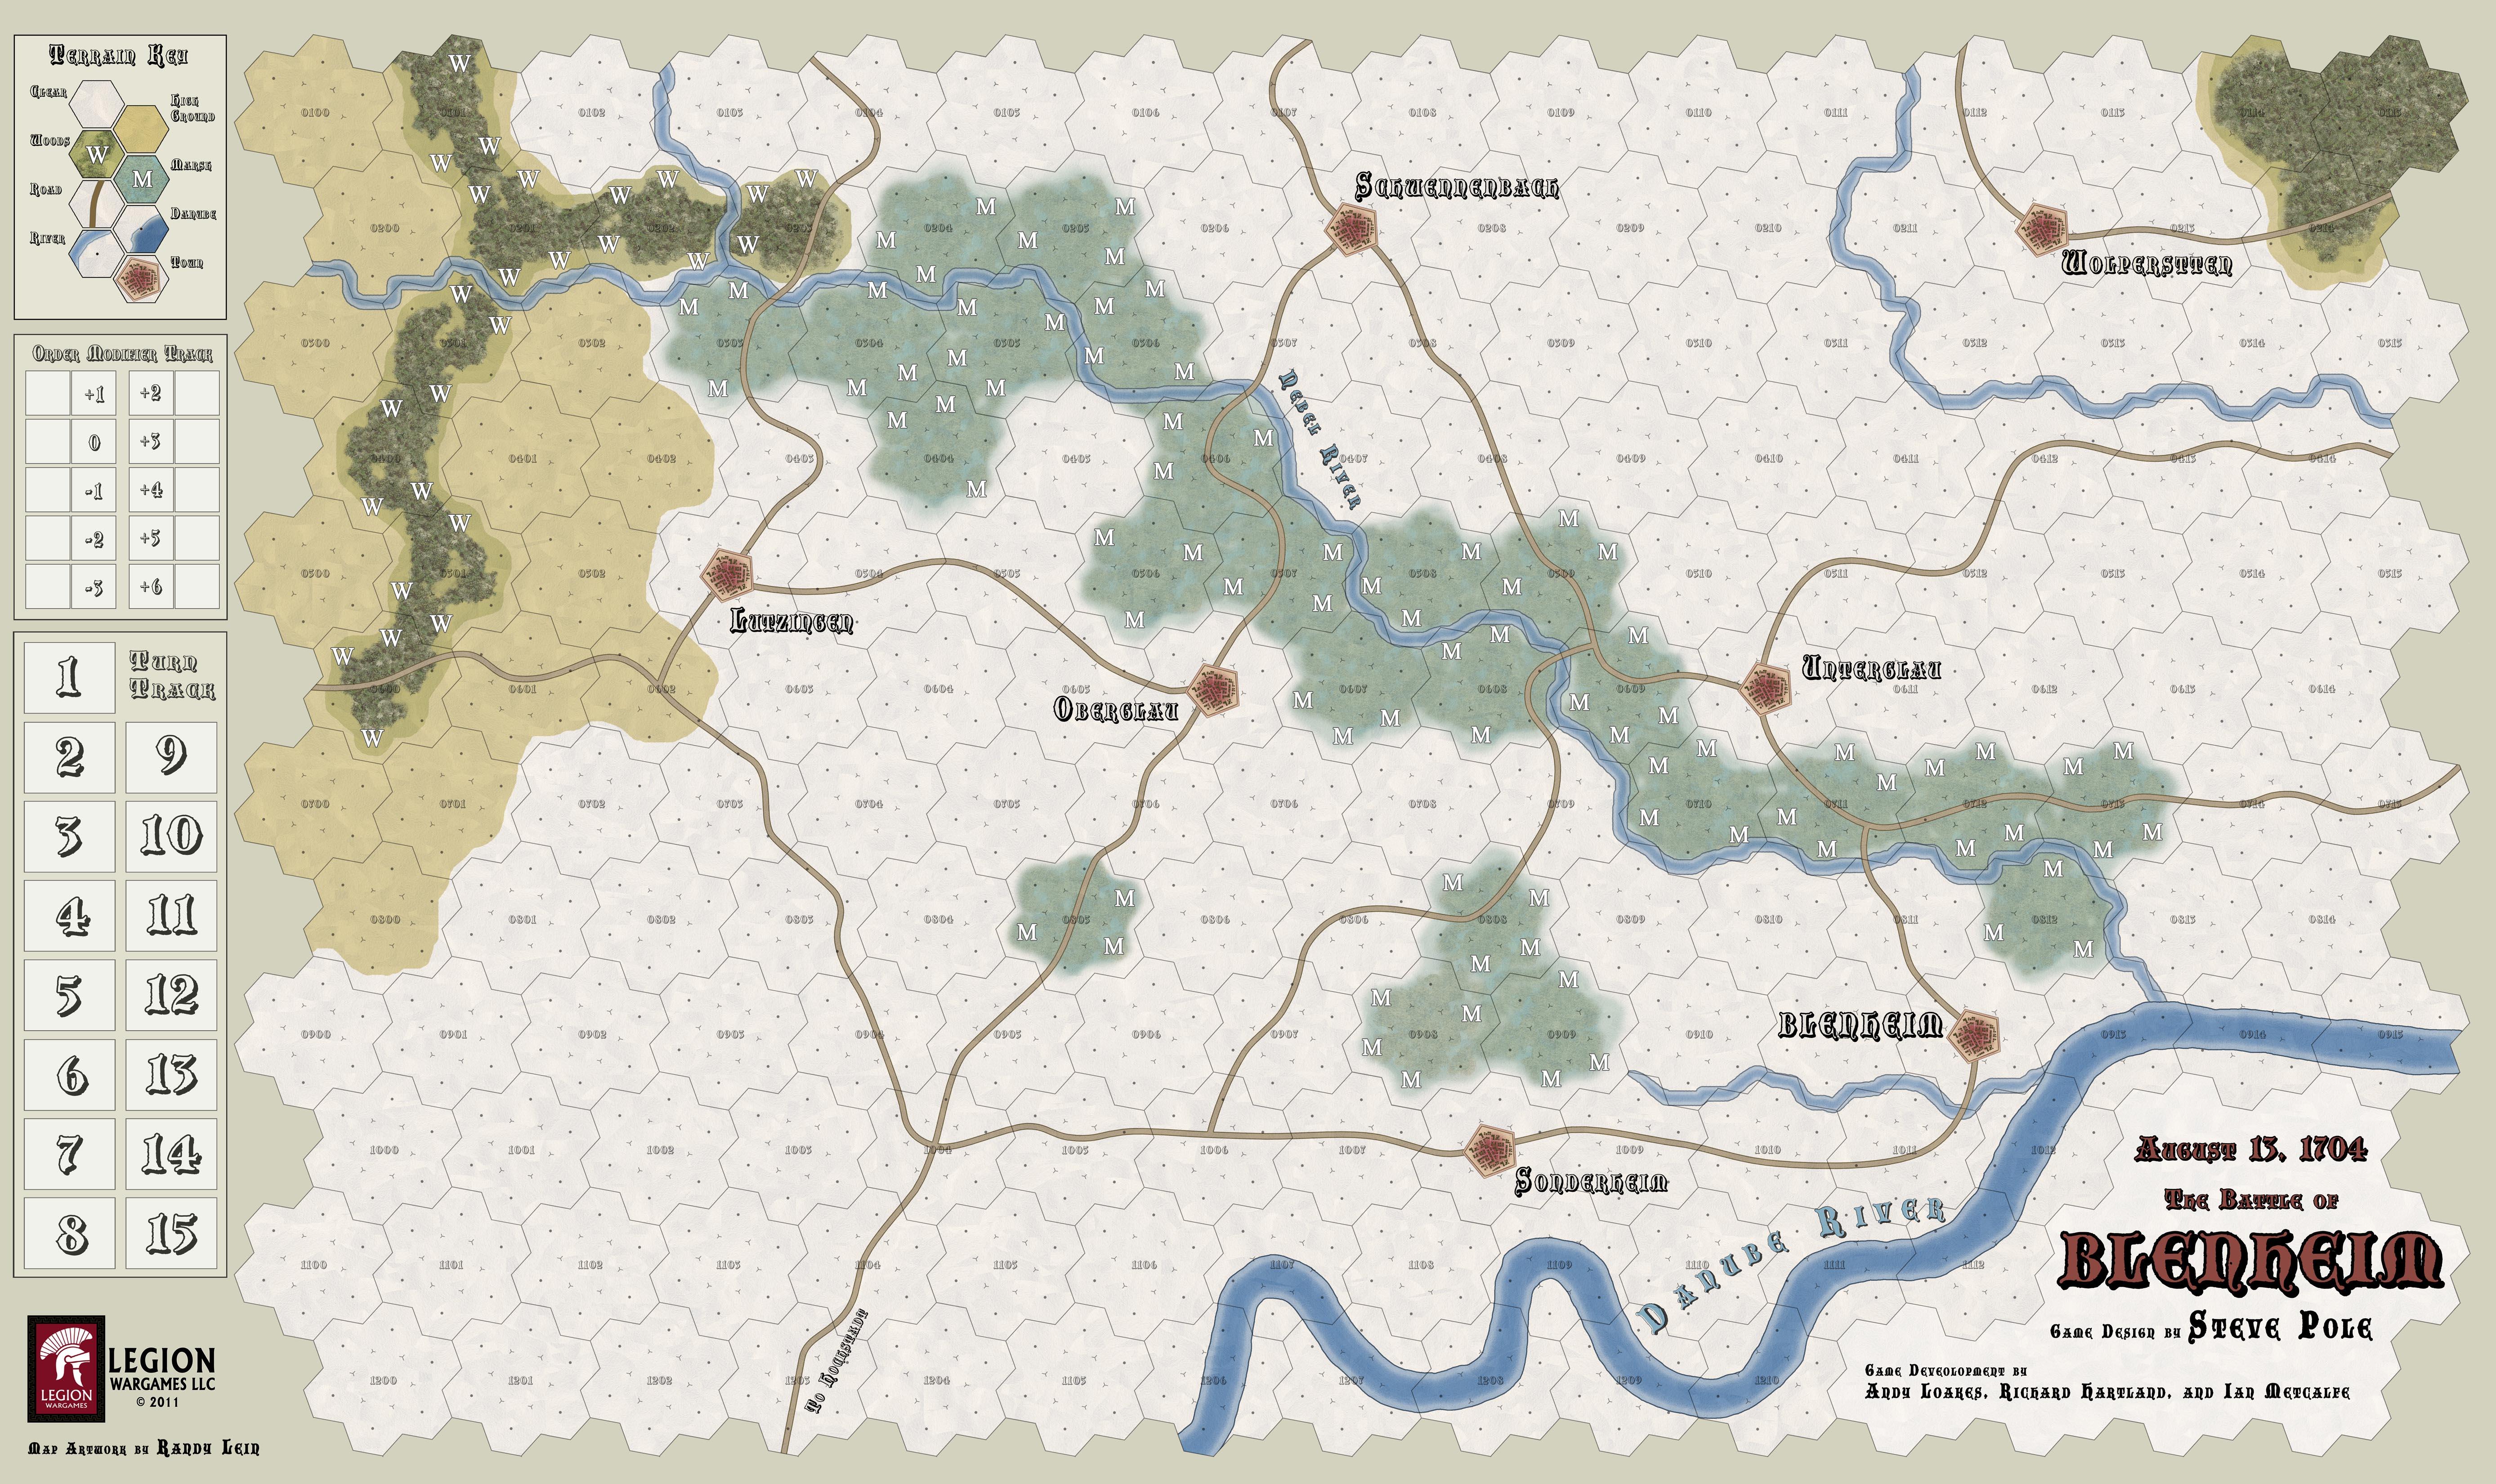 http://www.legionwargames.com/images/blenheim_playtest_map.jpg